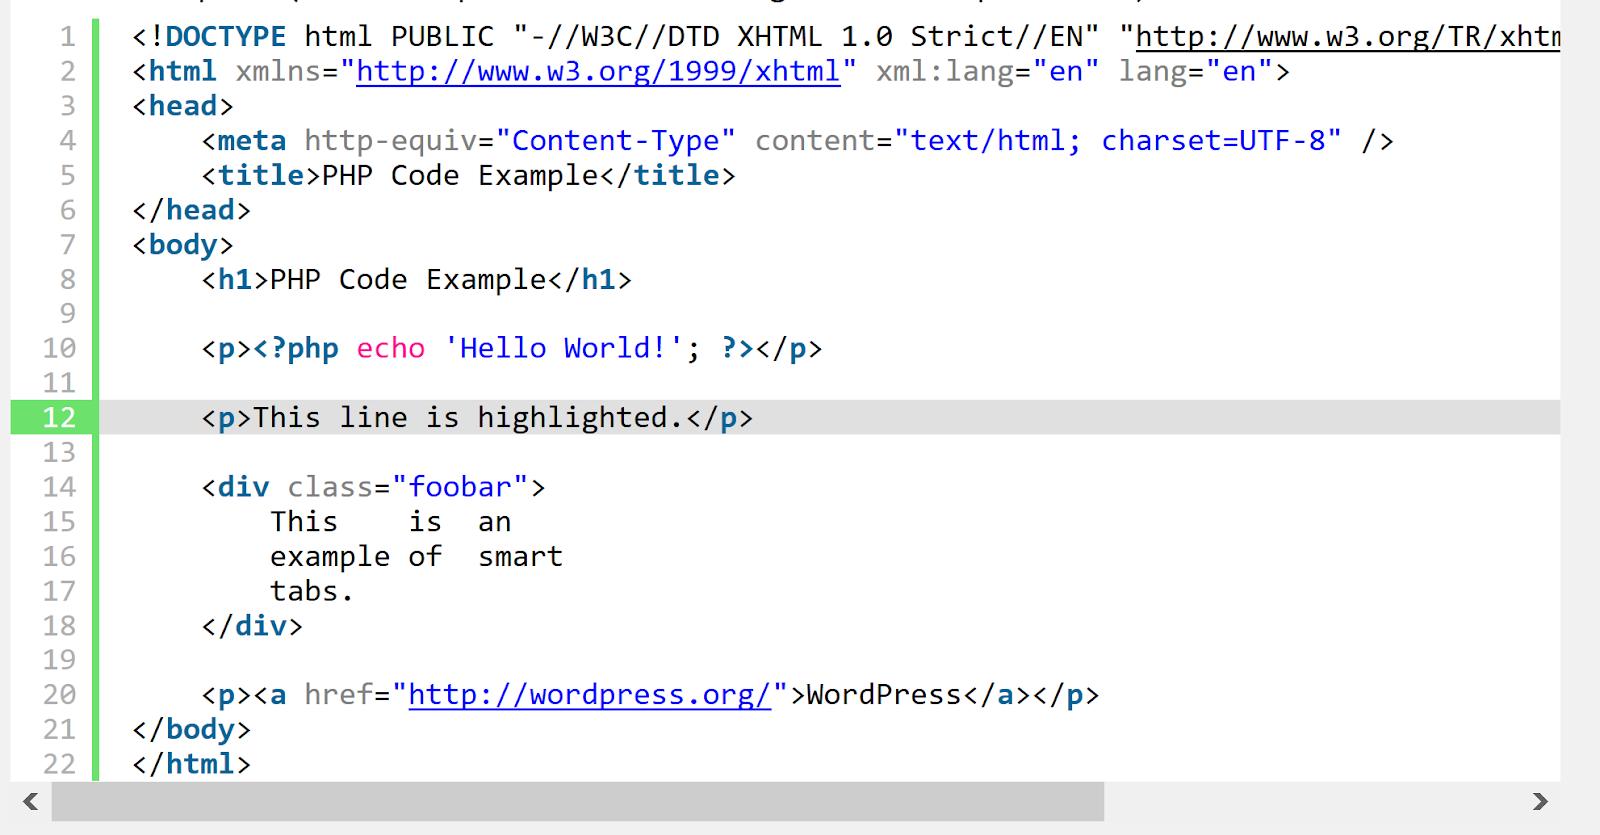 إضافة SyntaxHighlighter Evolved لعرض الأكواد بشكل خاص للوردبريس